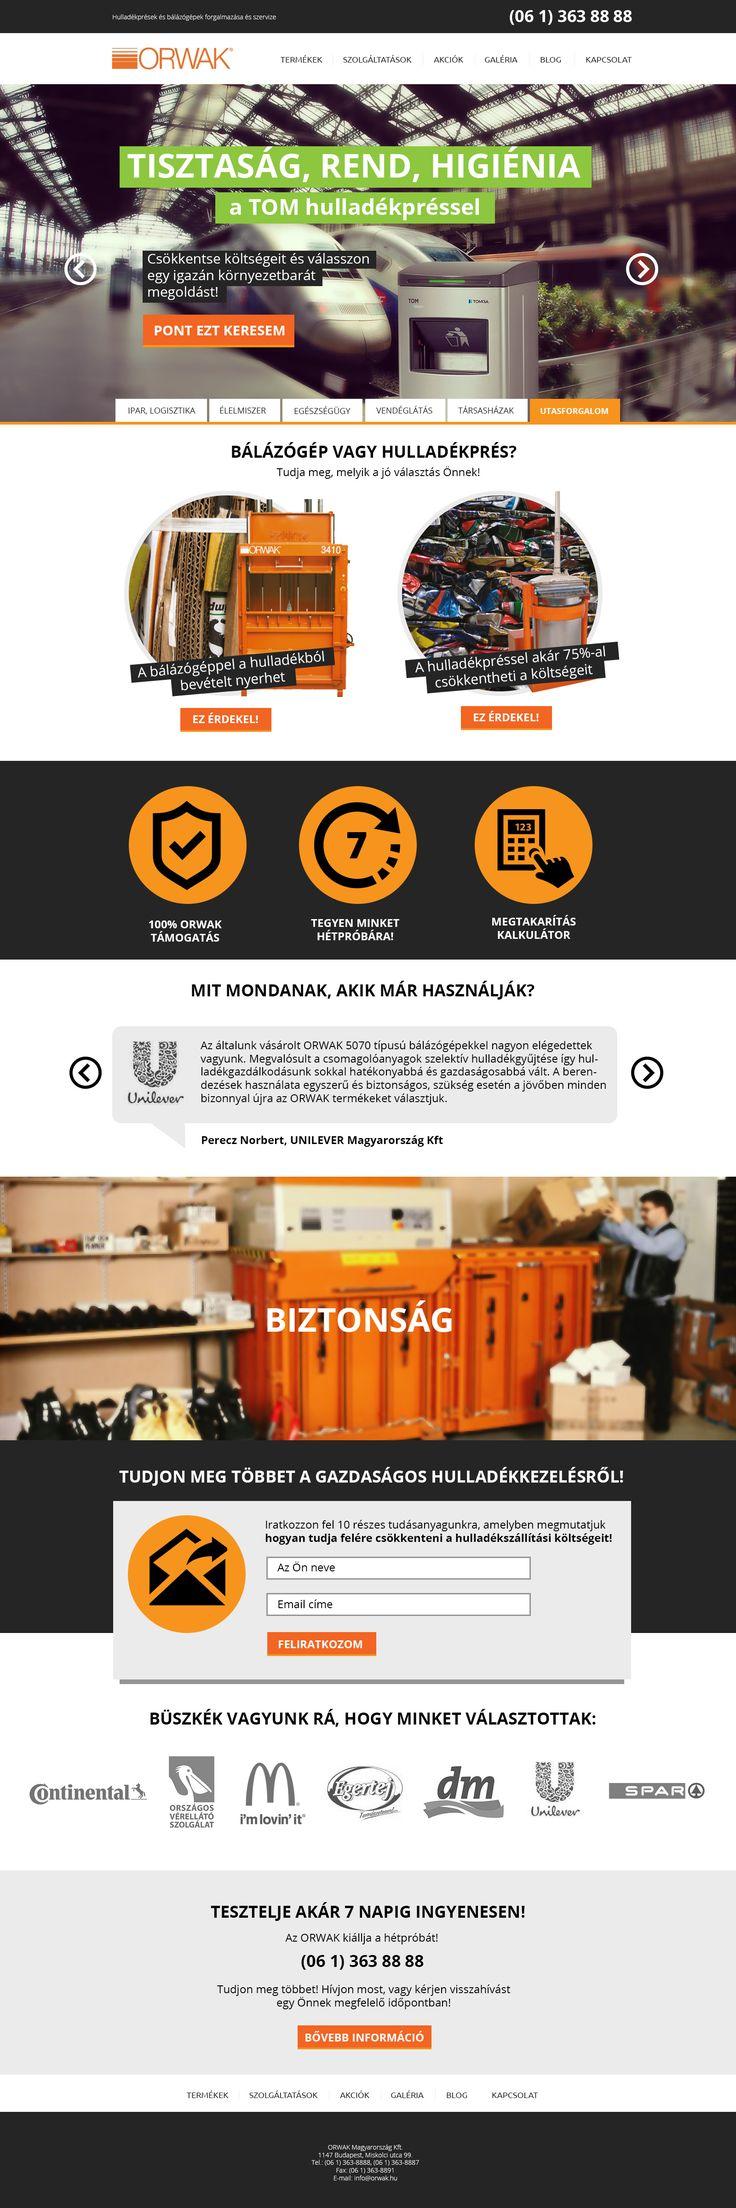 Tóth H. Zsuzsanna, senior webdesigner awebdesigner.hu